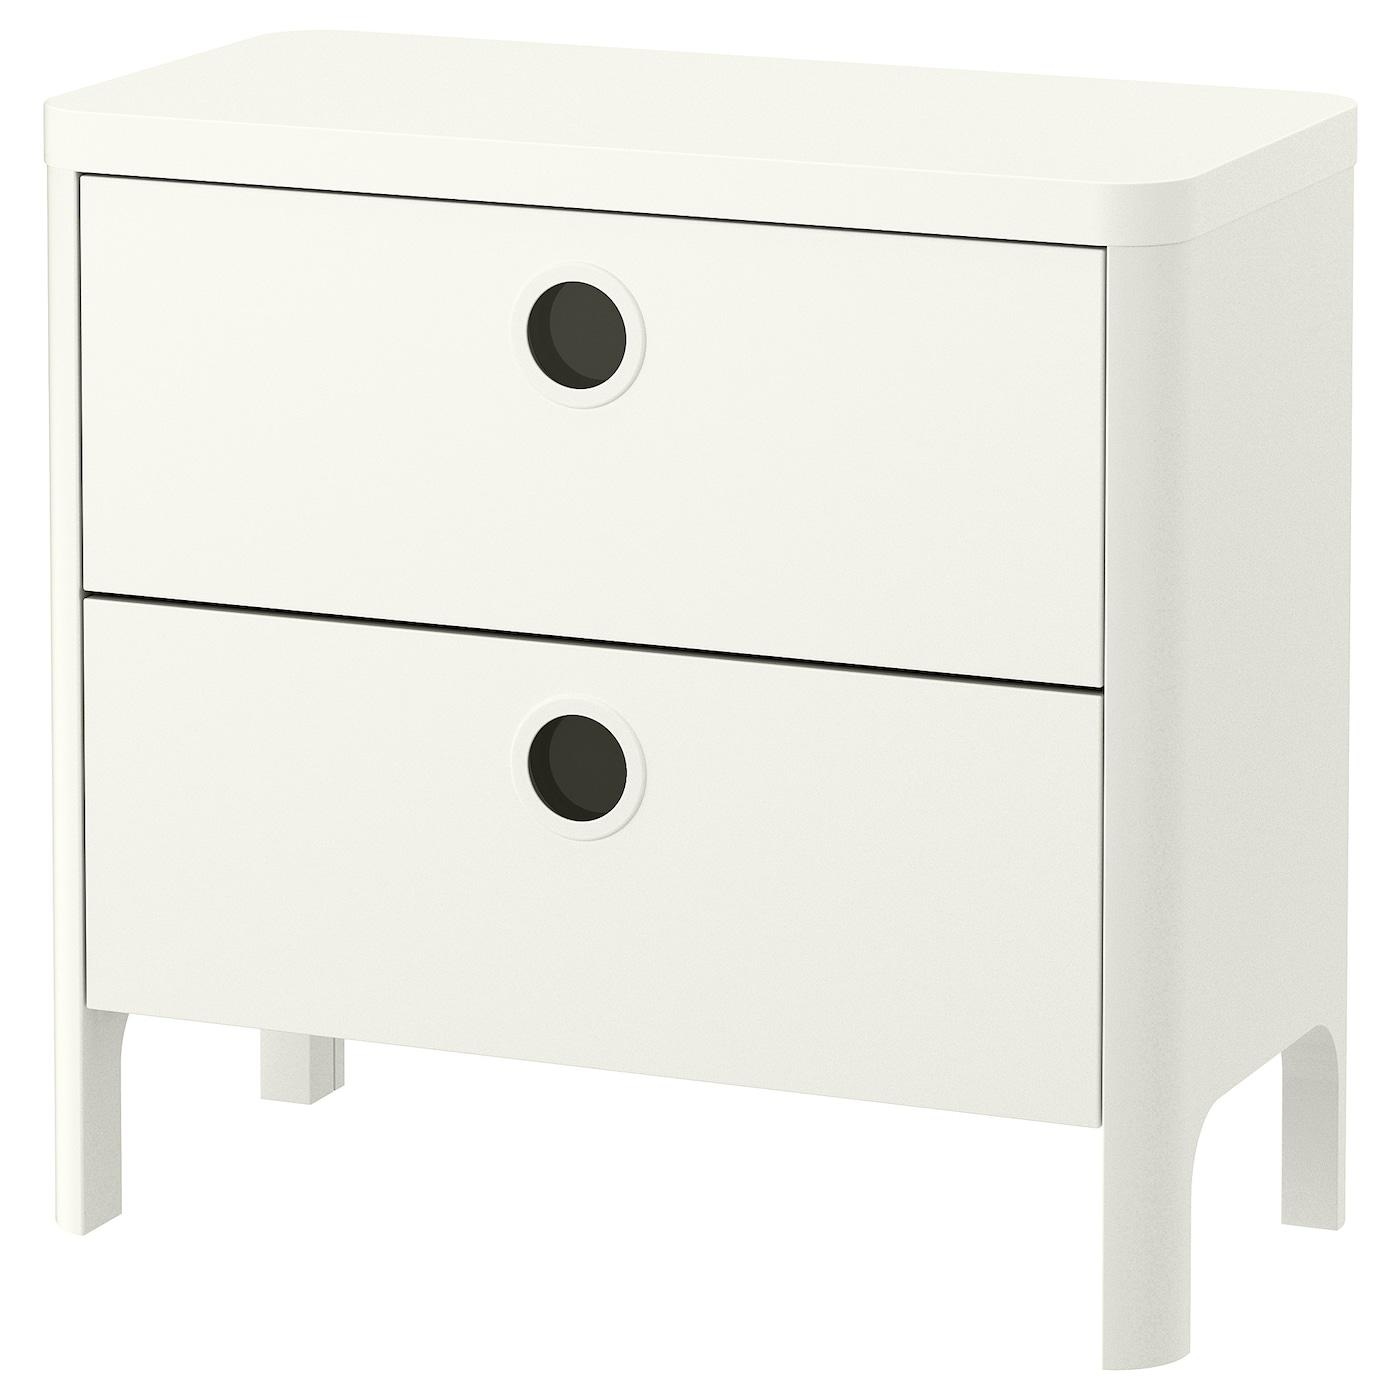 IKEA BUSUNGE biała komoda z dwiema szufladami, 80x75 cm